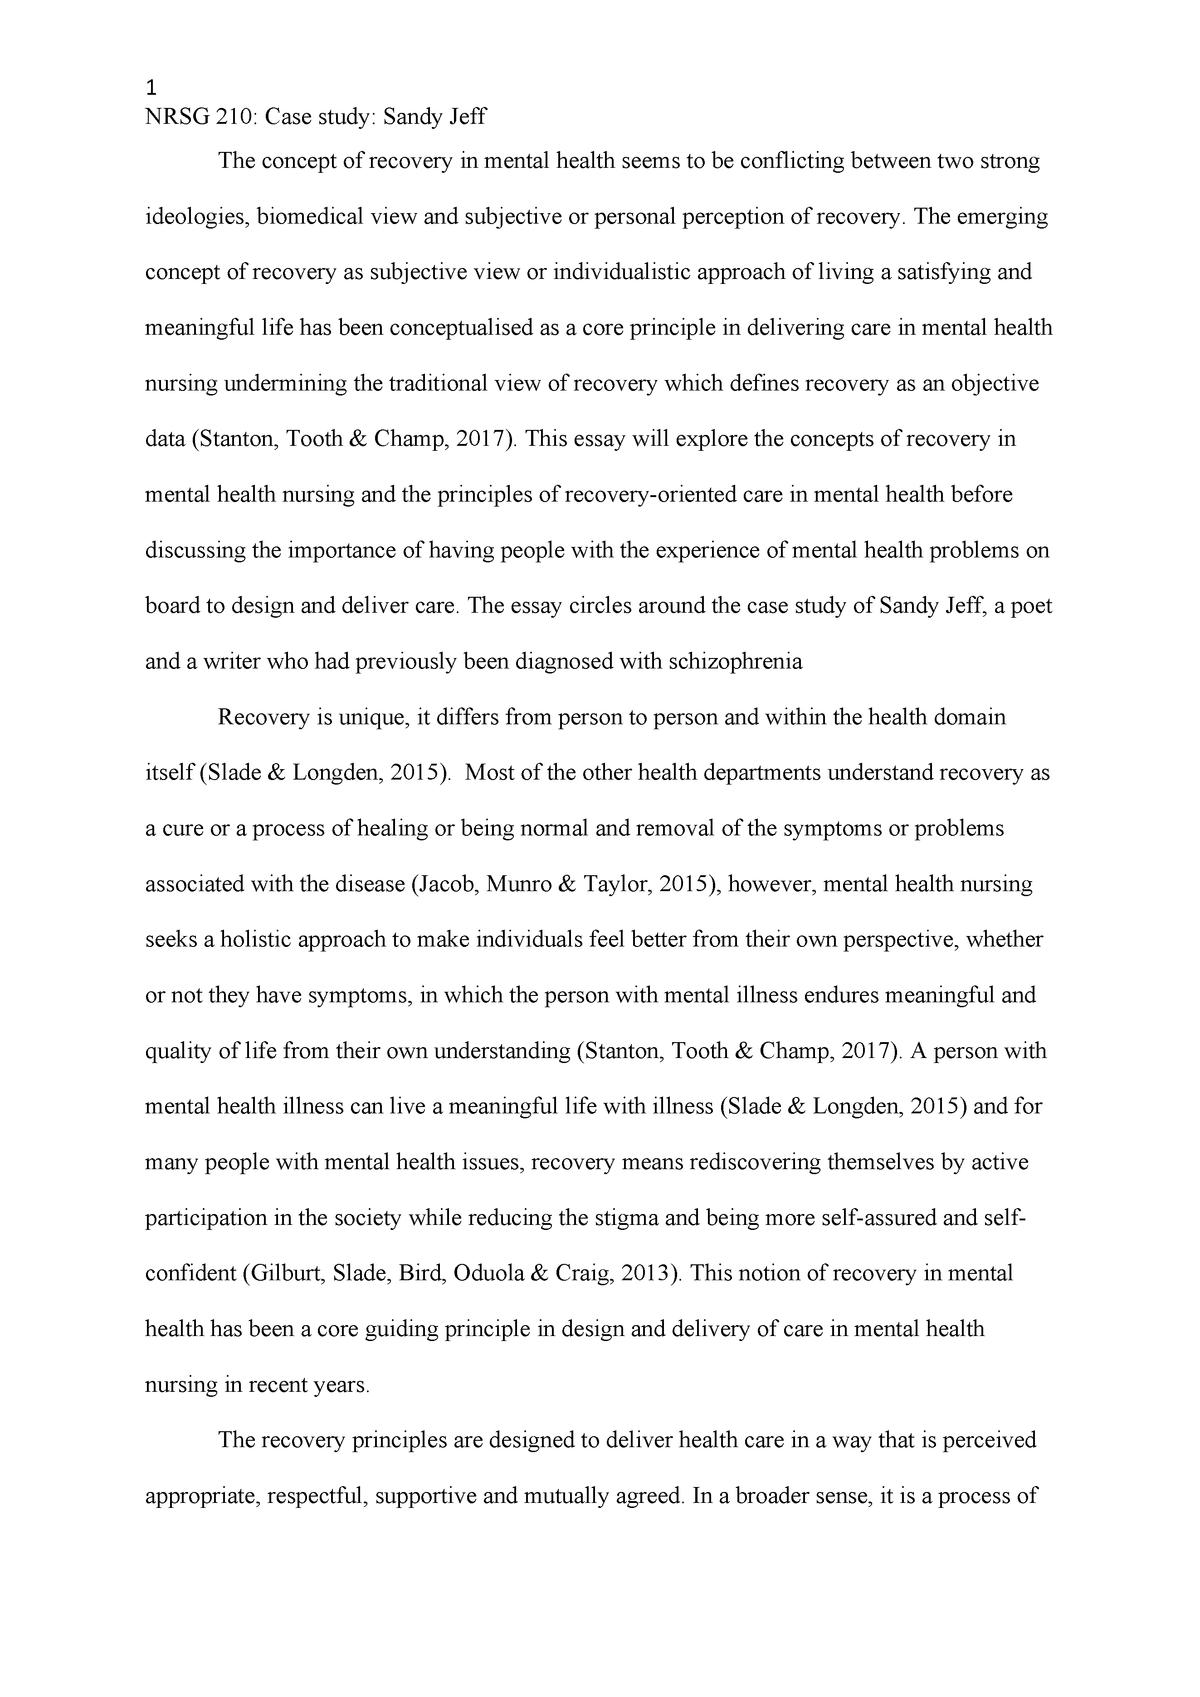 NRSG210 Assignment 2 - Mental health Ax - Nrsg210: Mental health